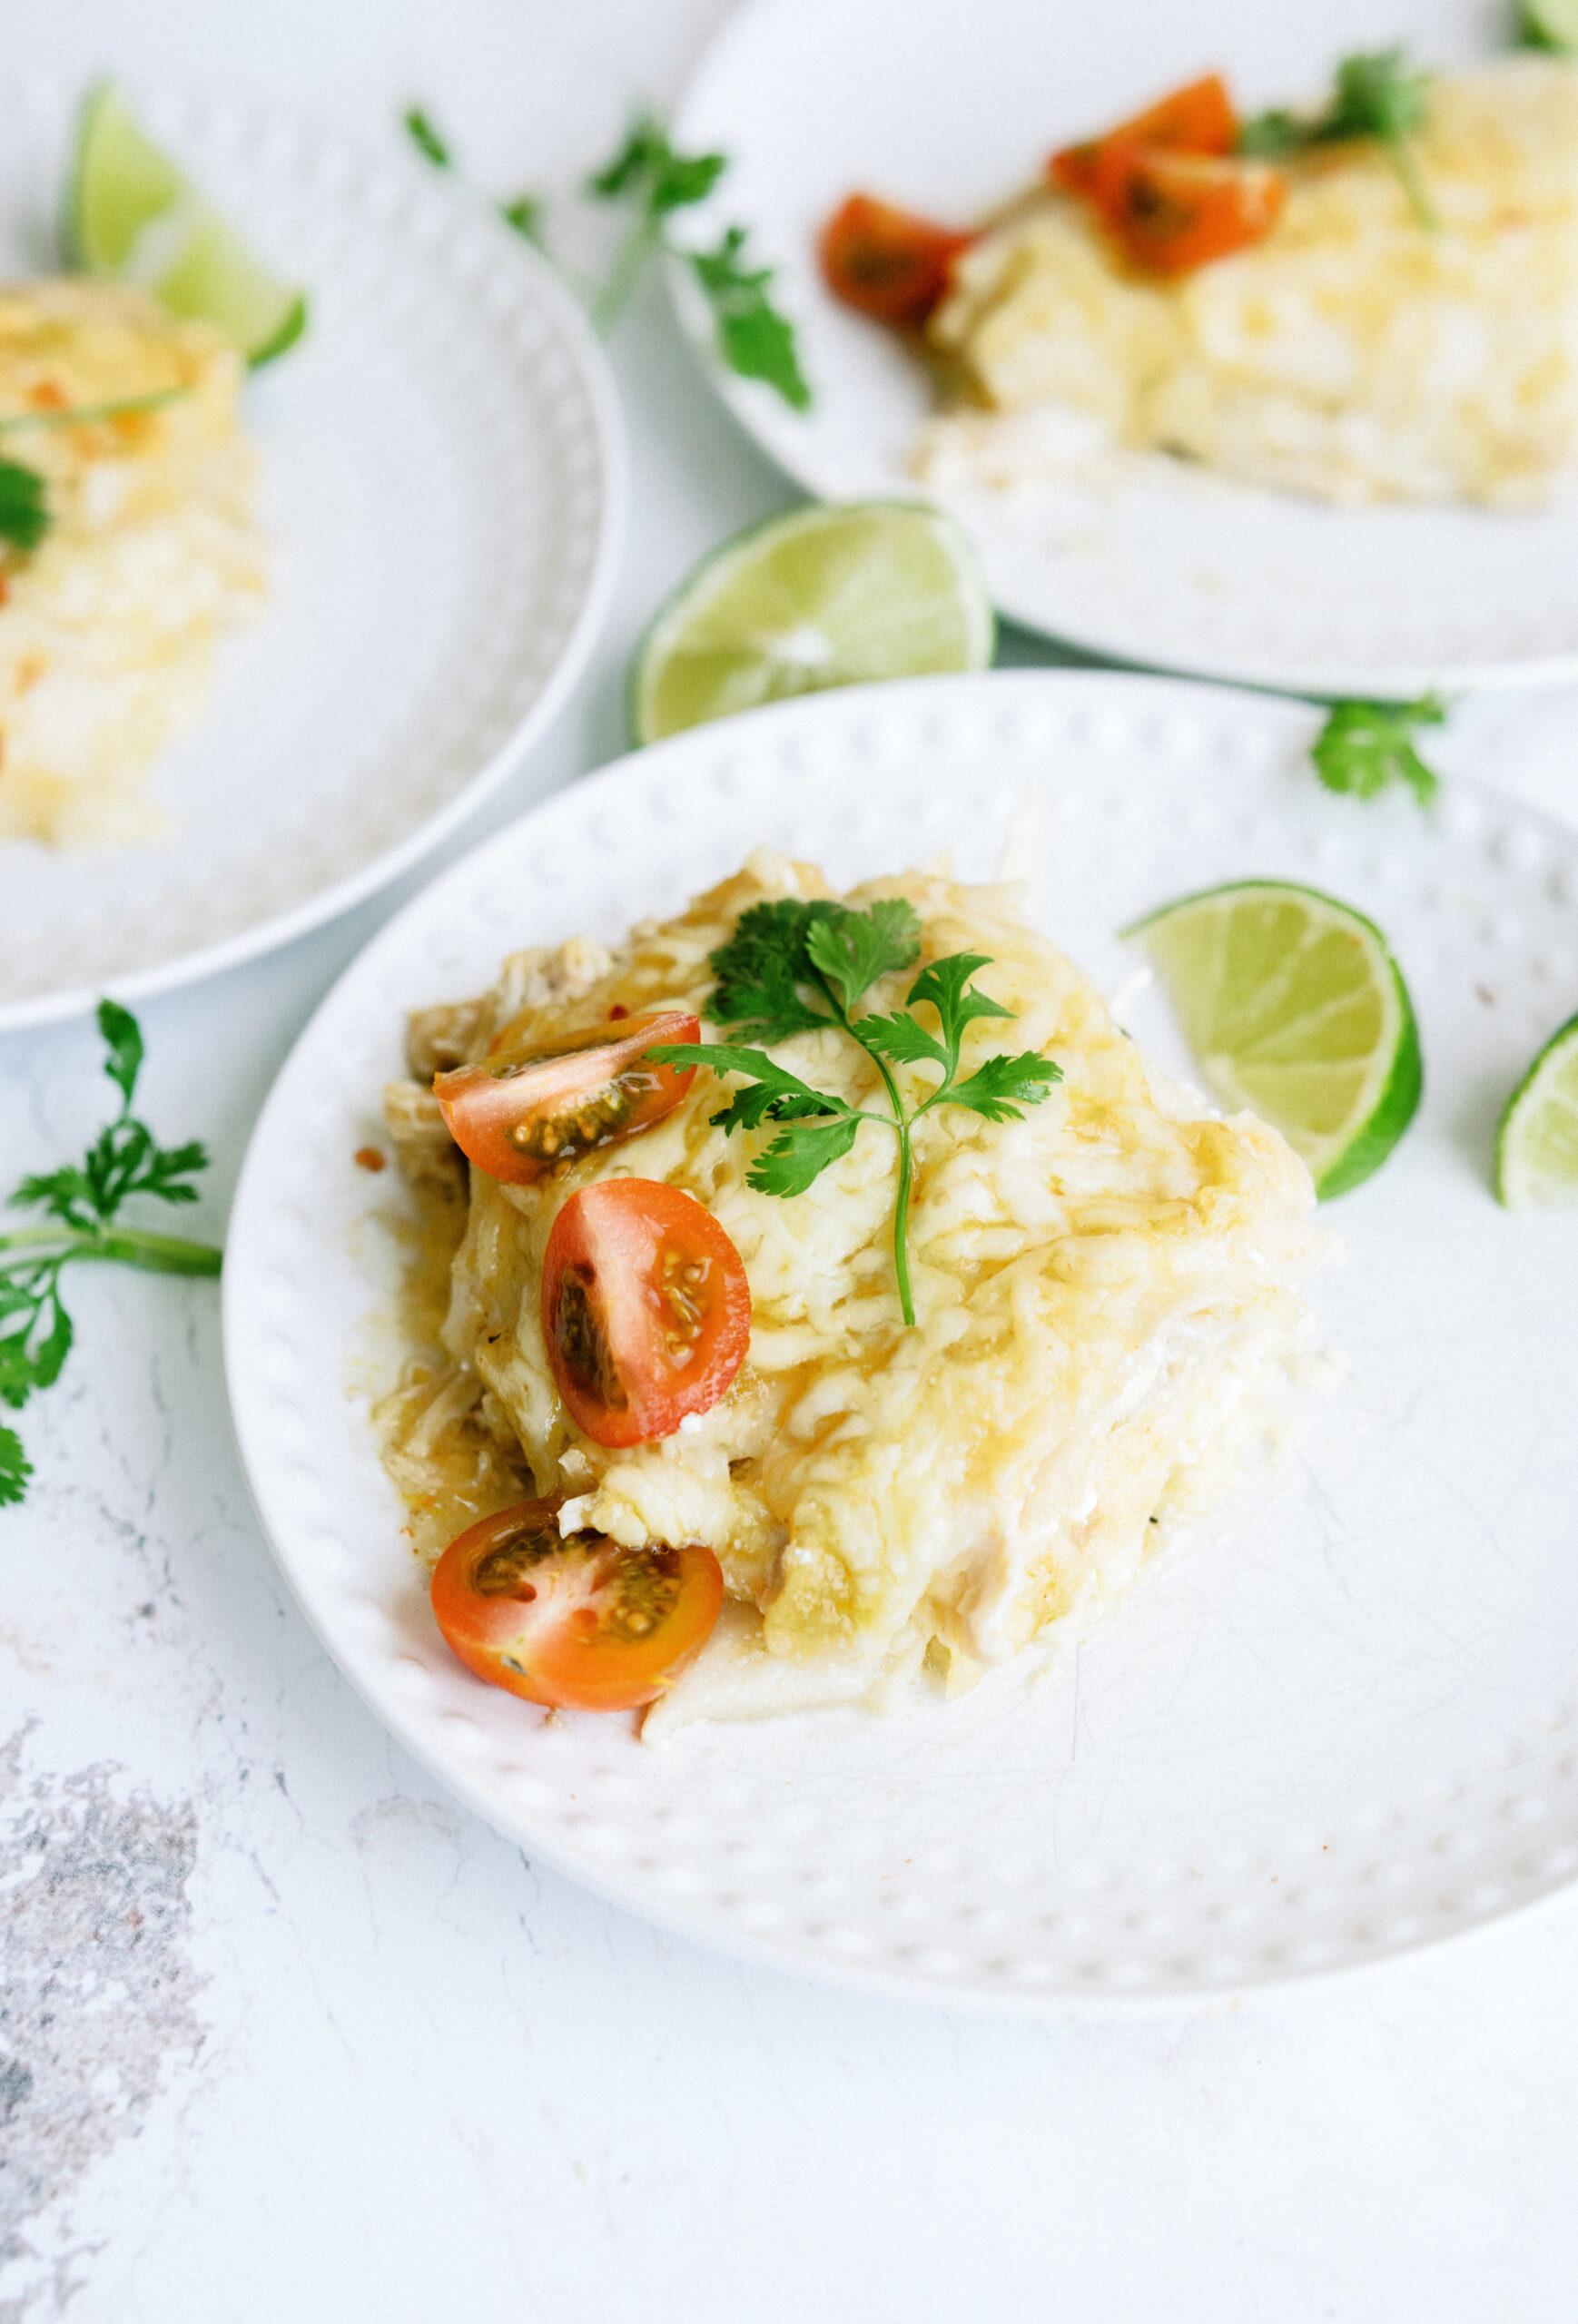 Green Chile Layered Enchilada Casserole Recipe